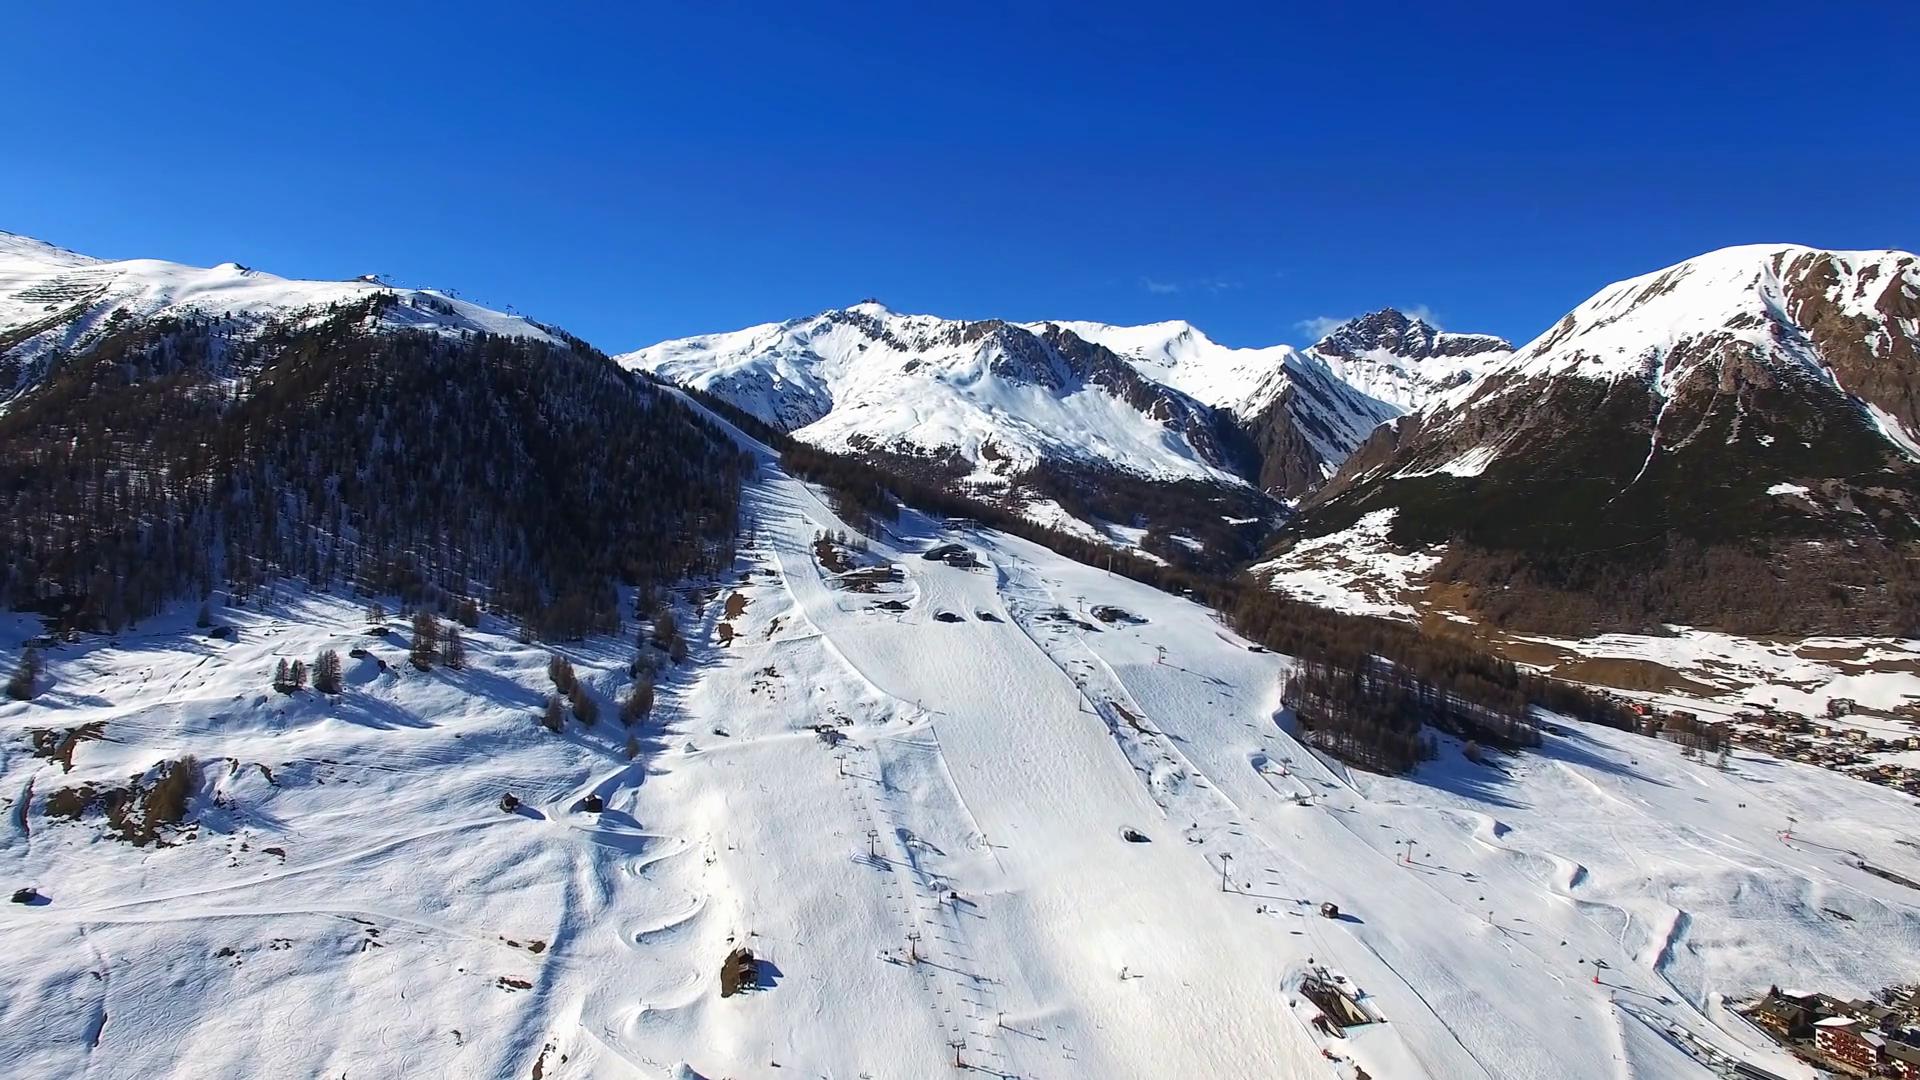 Aerial view of ski slope in Livigno alps ski resort in winter ...